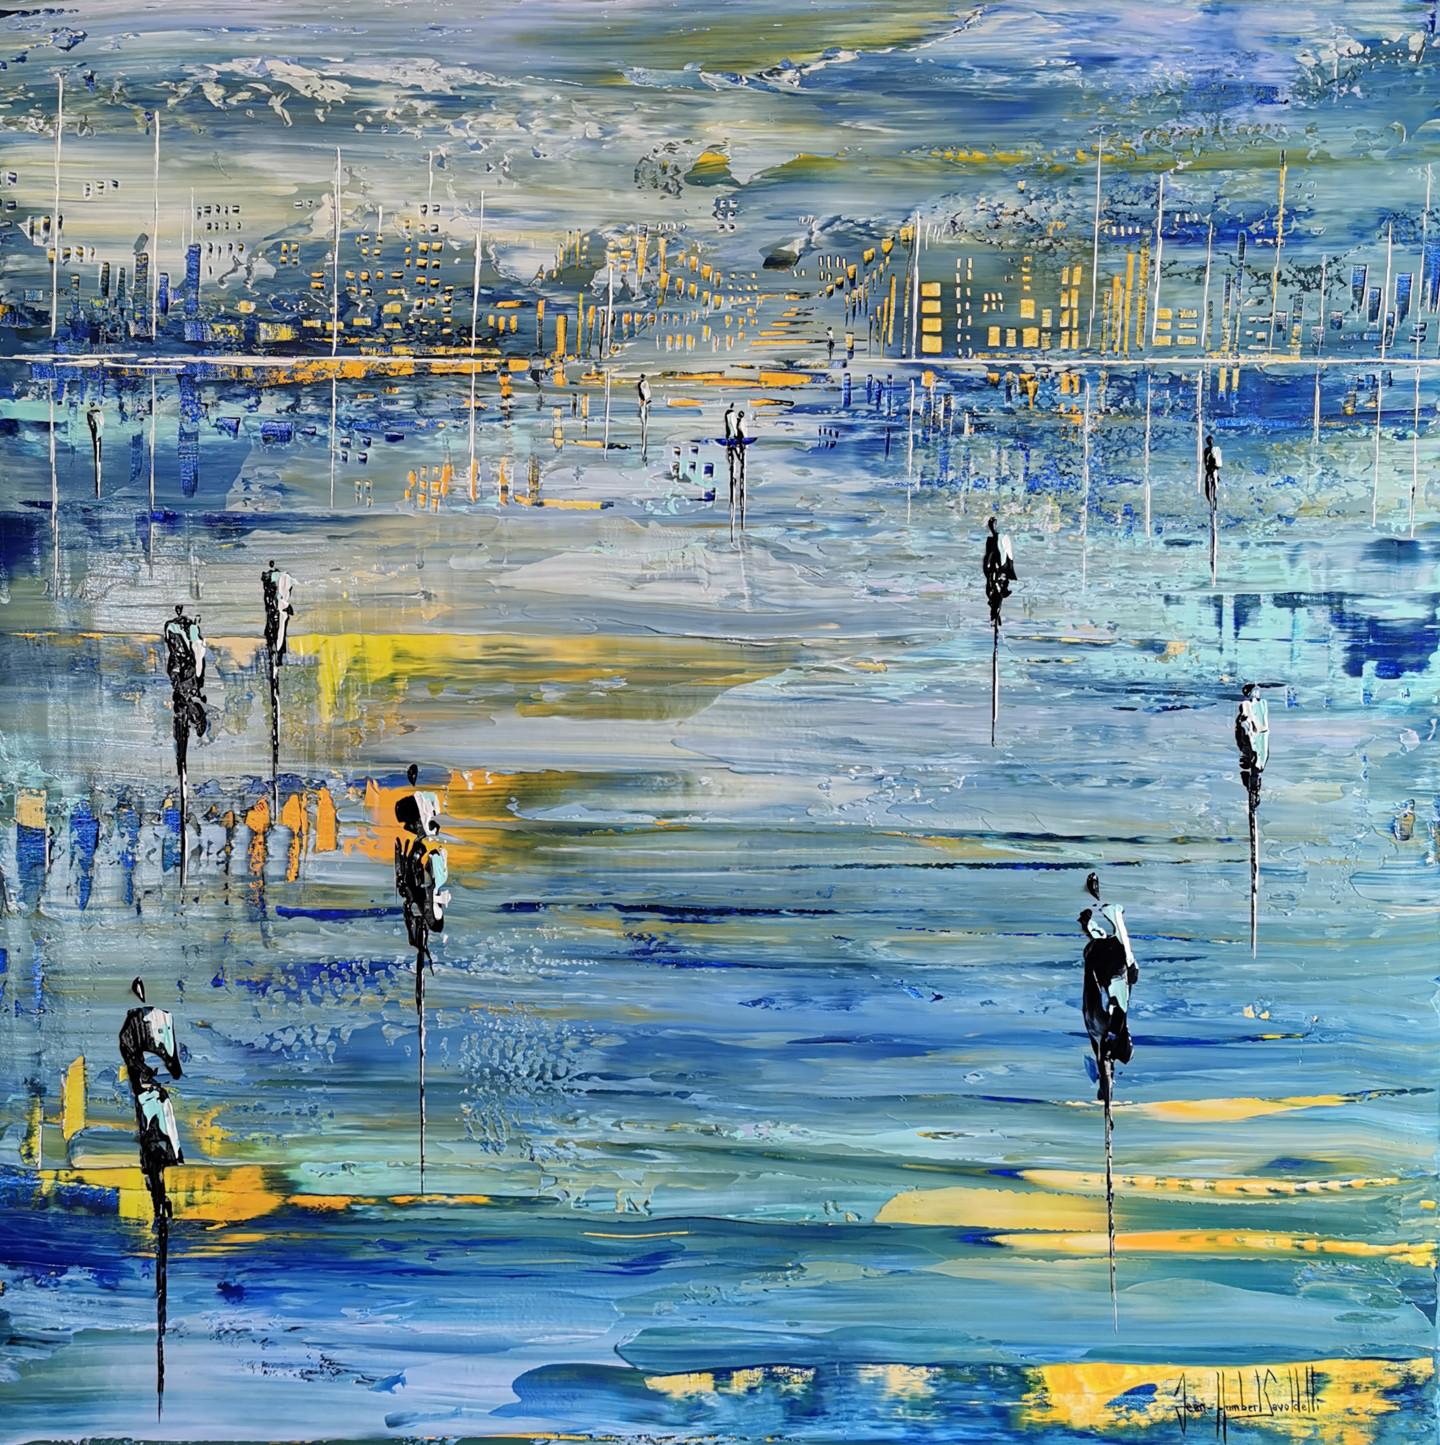 JEAN-HUMBERT SAVOLDELLI - BLUE DREAMS